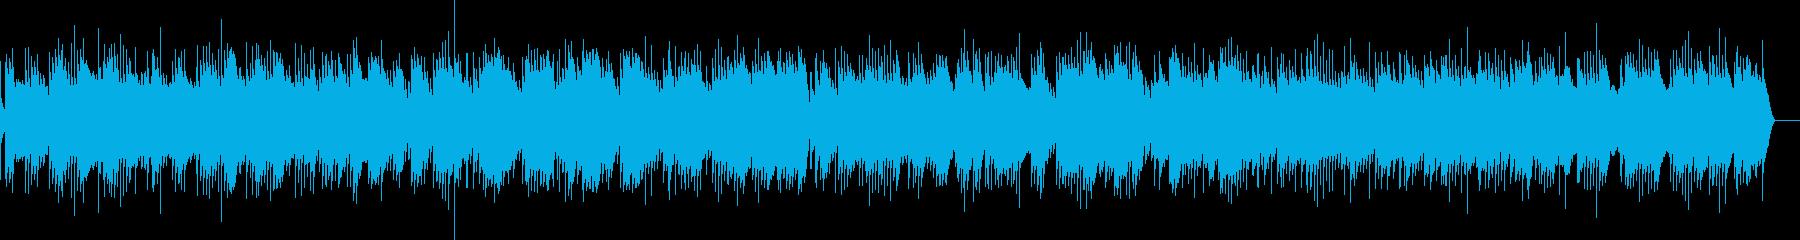 ハイドン 弦楽四重奏曲 (オルゴール)の再生済みの波形